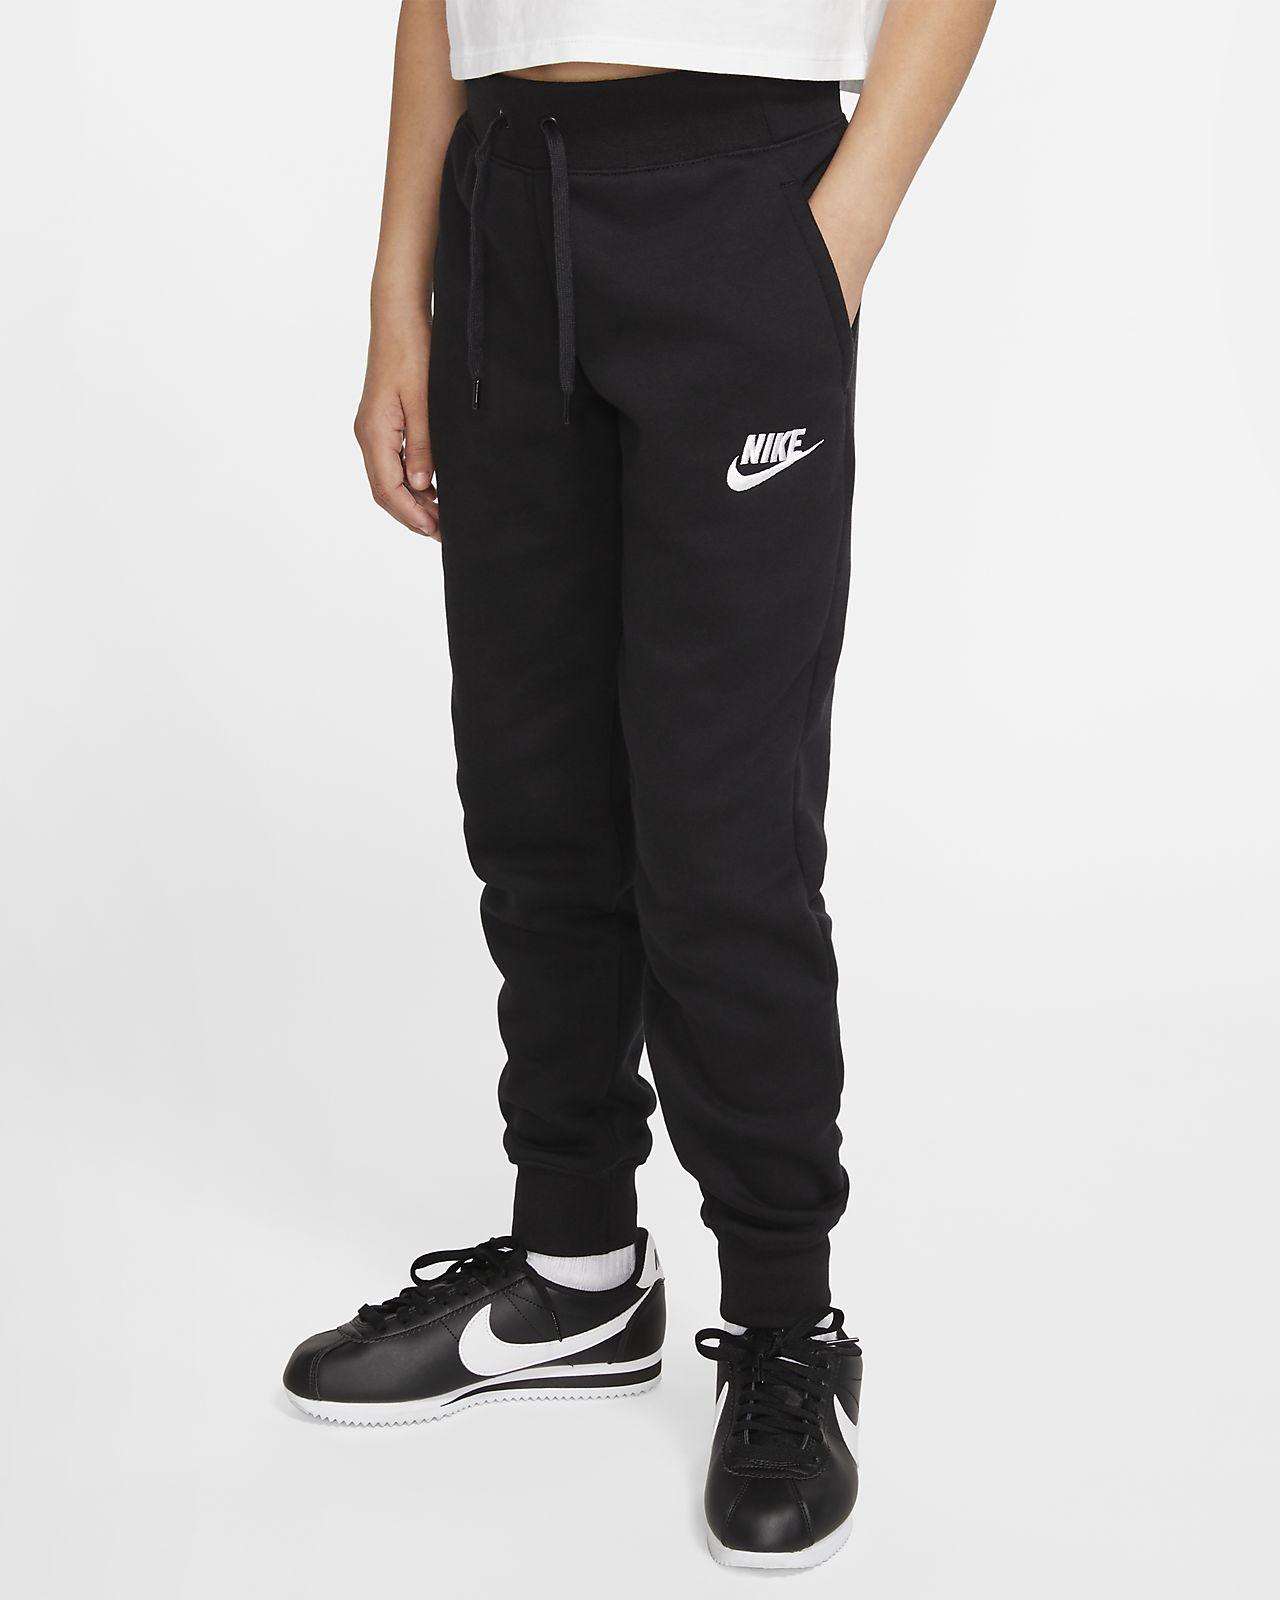 Nike Sportswear Older Kids' (Boys') Joggers. Nike NO